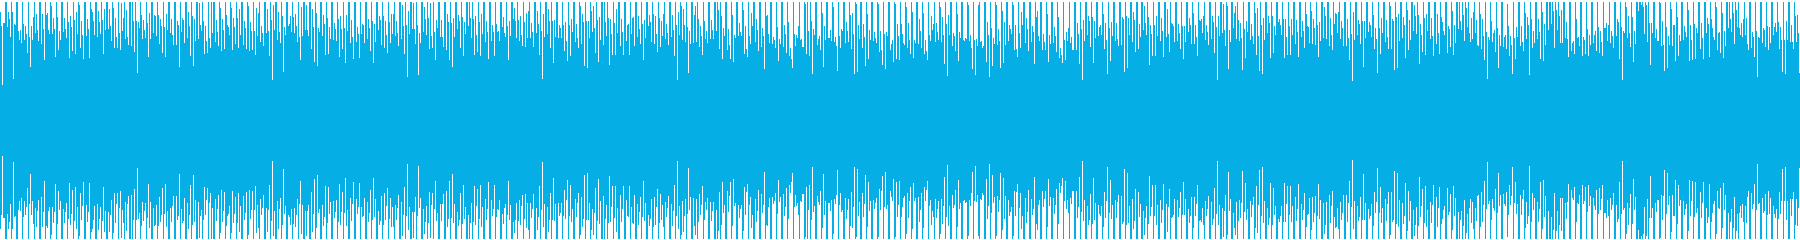 日常・焦る・慌てるシーンの再生済みの波形